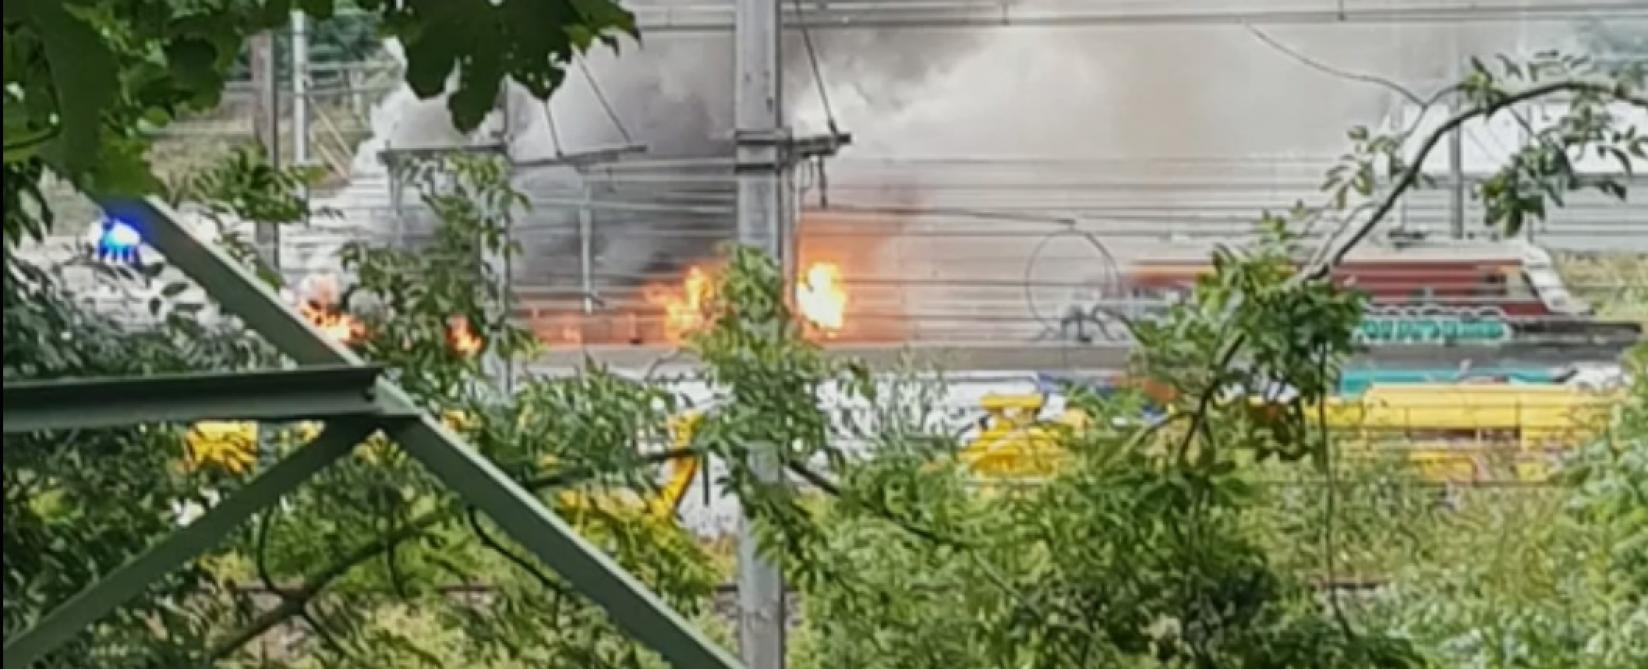 Train en feu en gare de Schaerbeek Formation: le risque de présence d'amiante écartée (vidéo)